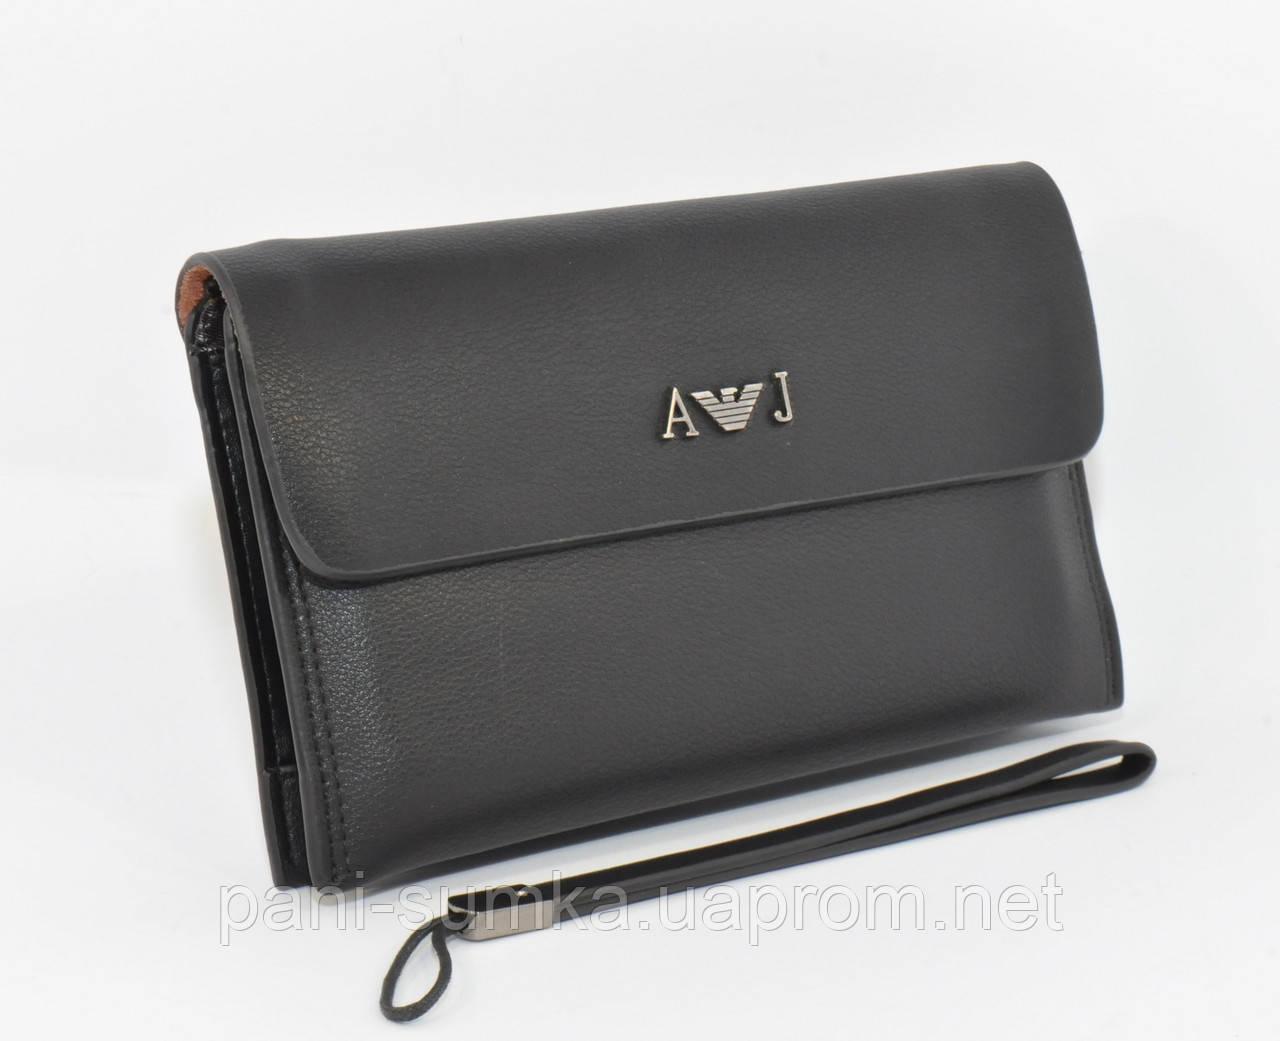 06b025eefdb5 Клатч мужской Giorgio Armani 9801-2 черный - Интернет магазин